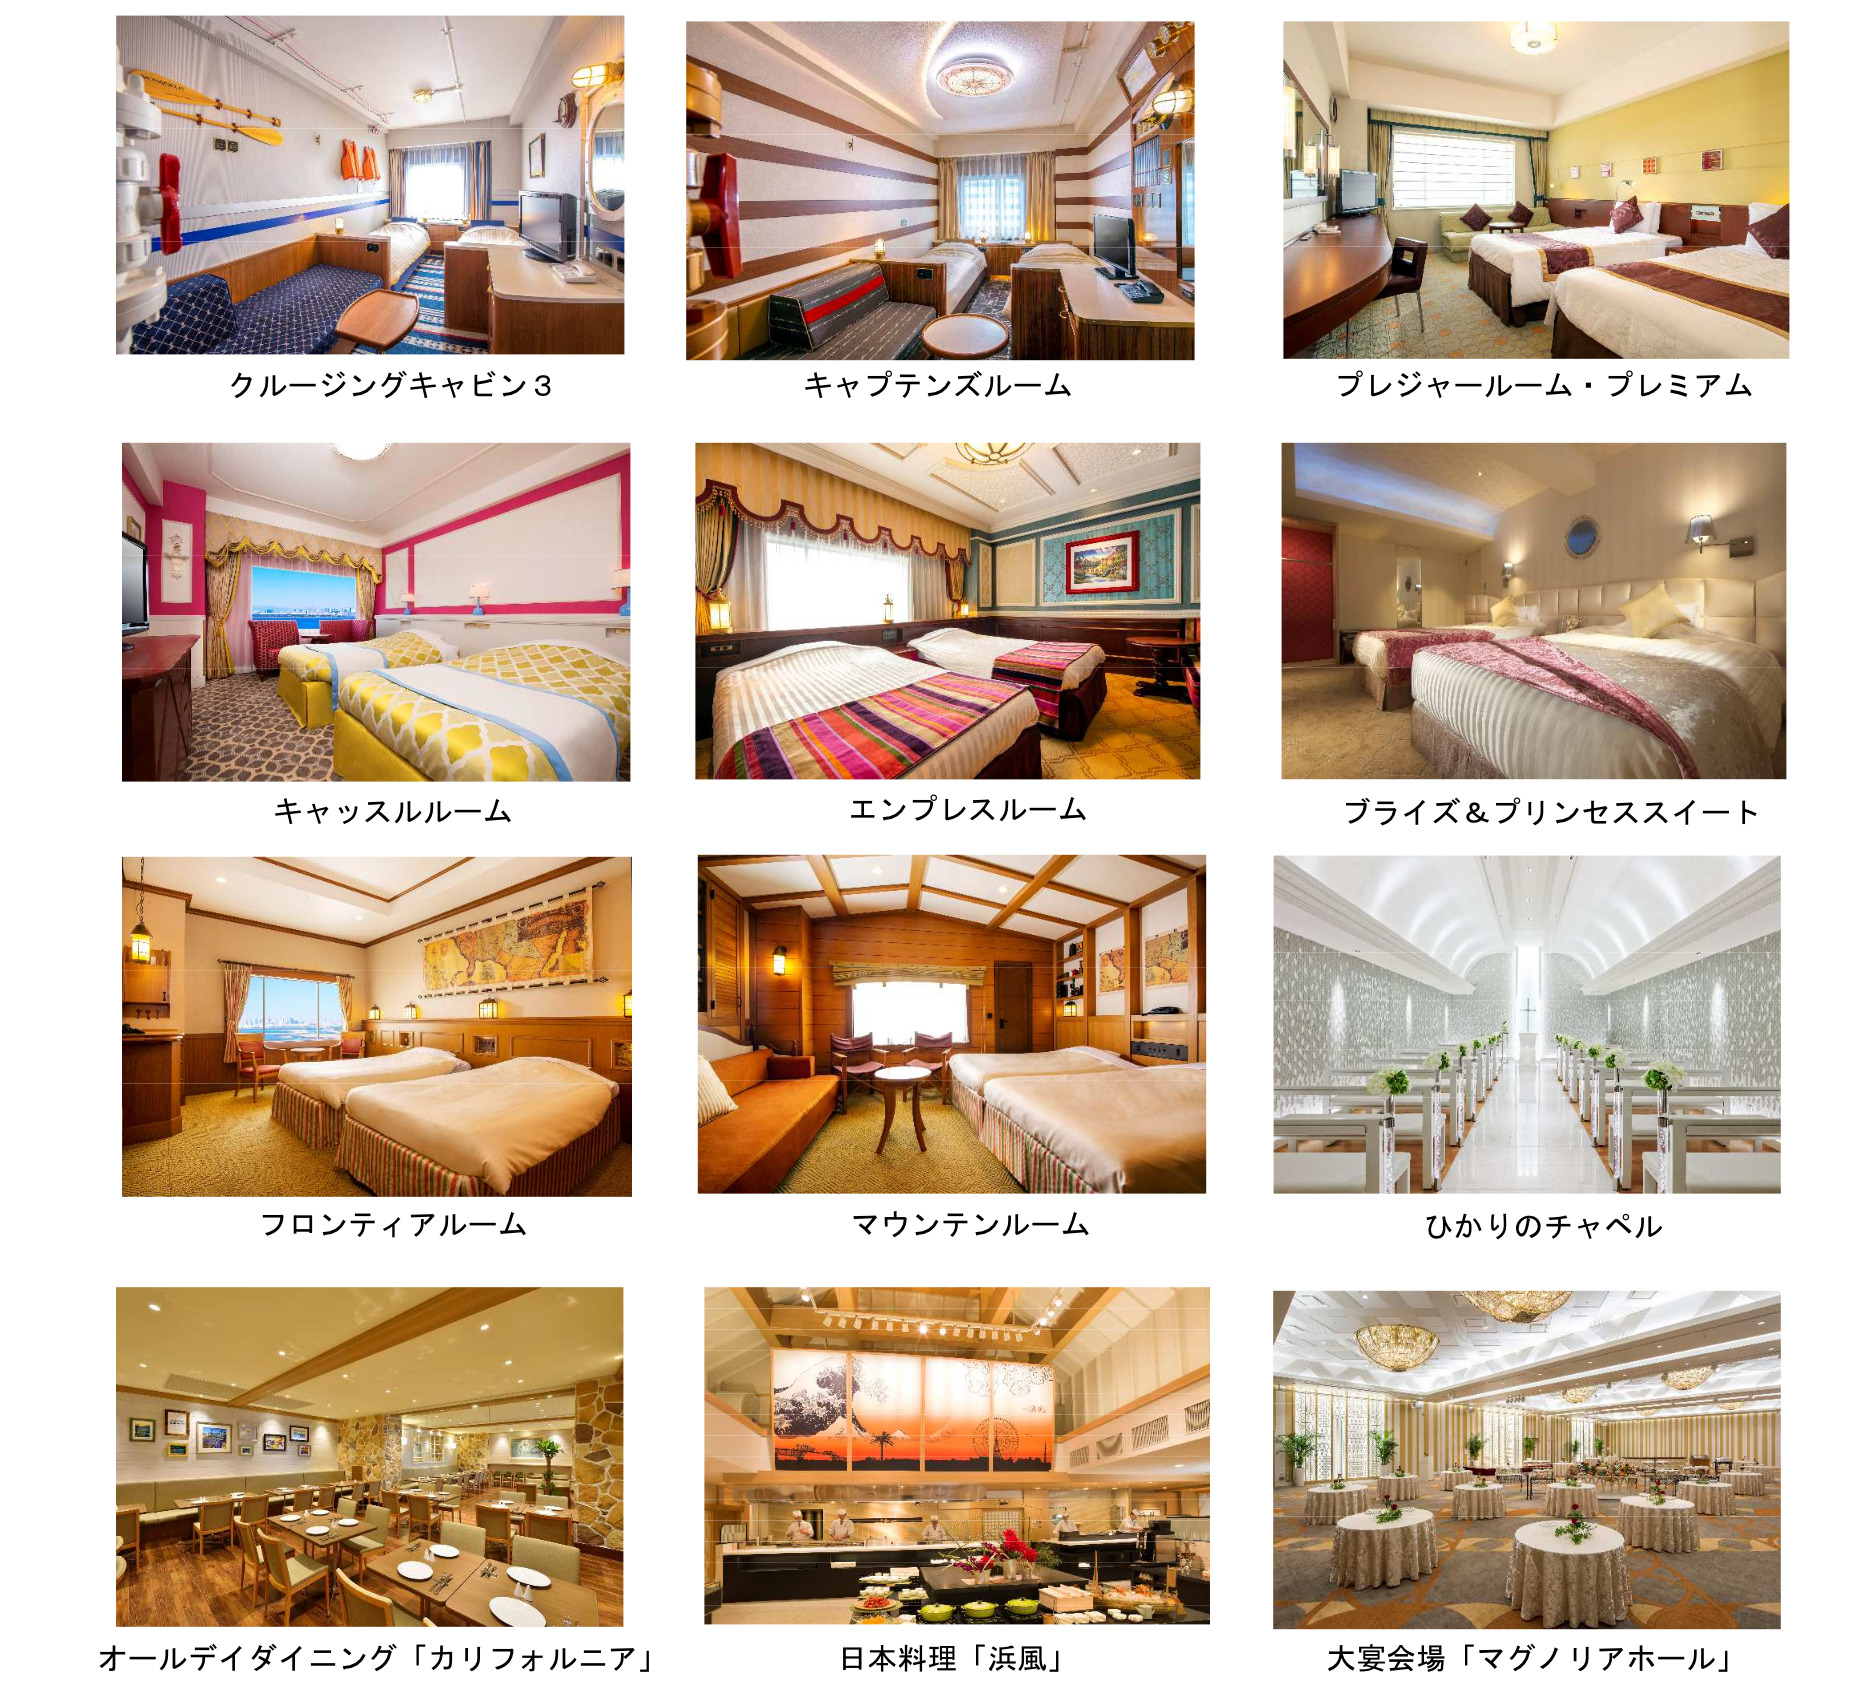 『東京ベイ舞浜ホテル ファーストリゾート』リノベーション例